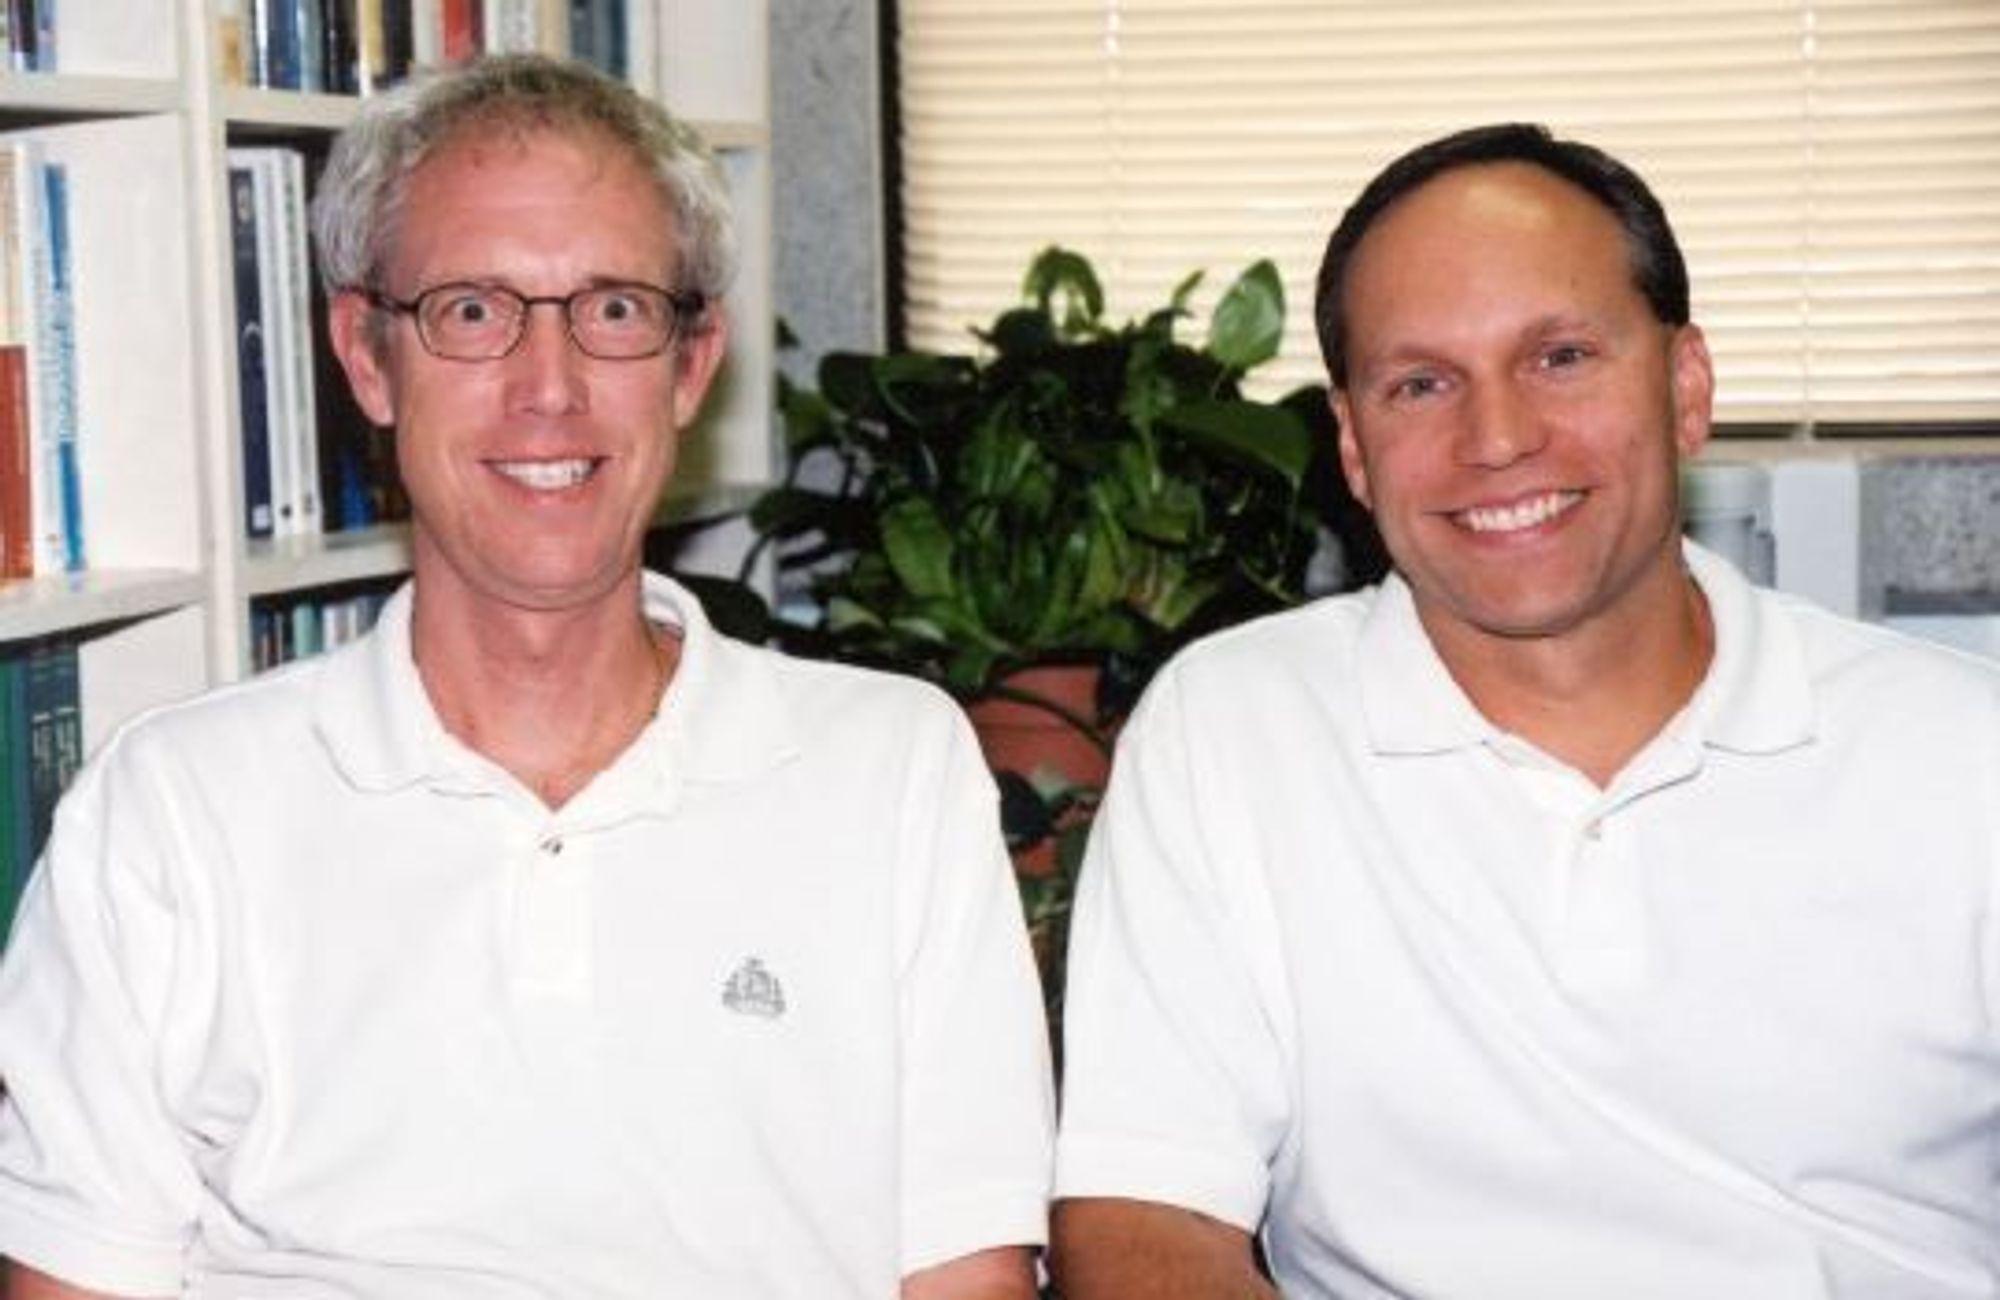 STORT: Curtis Cooper og Steven Boone har grunn til å smile. Under et år etter deres forrige rekord, kan de nå skryte av å ha funnet et primtall med 9.8 millioner sifre.